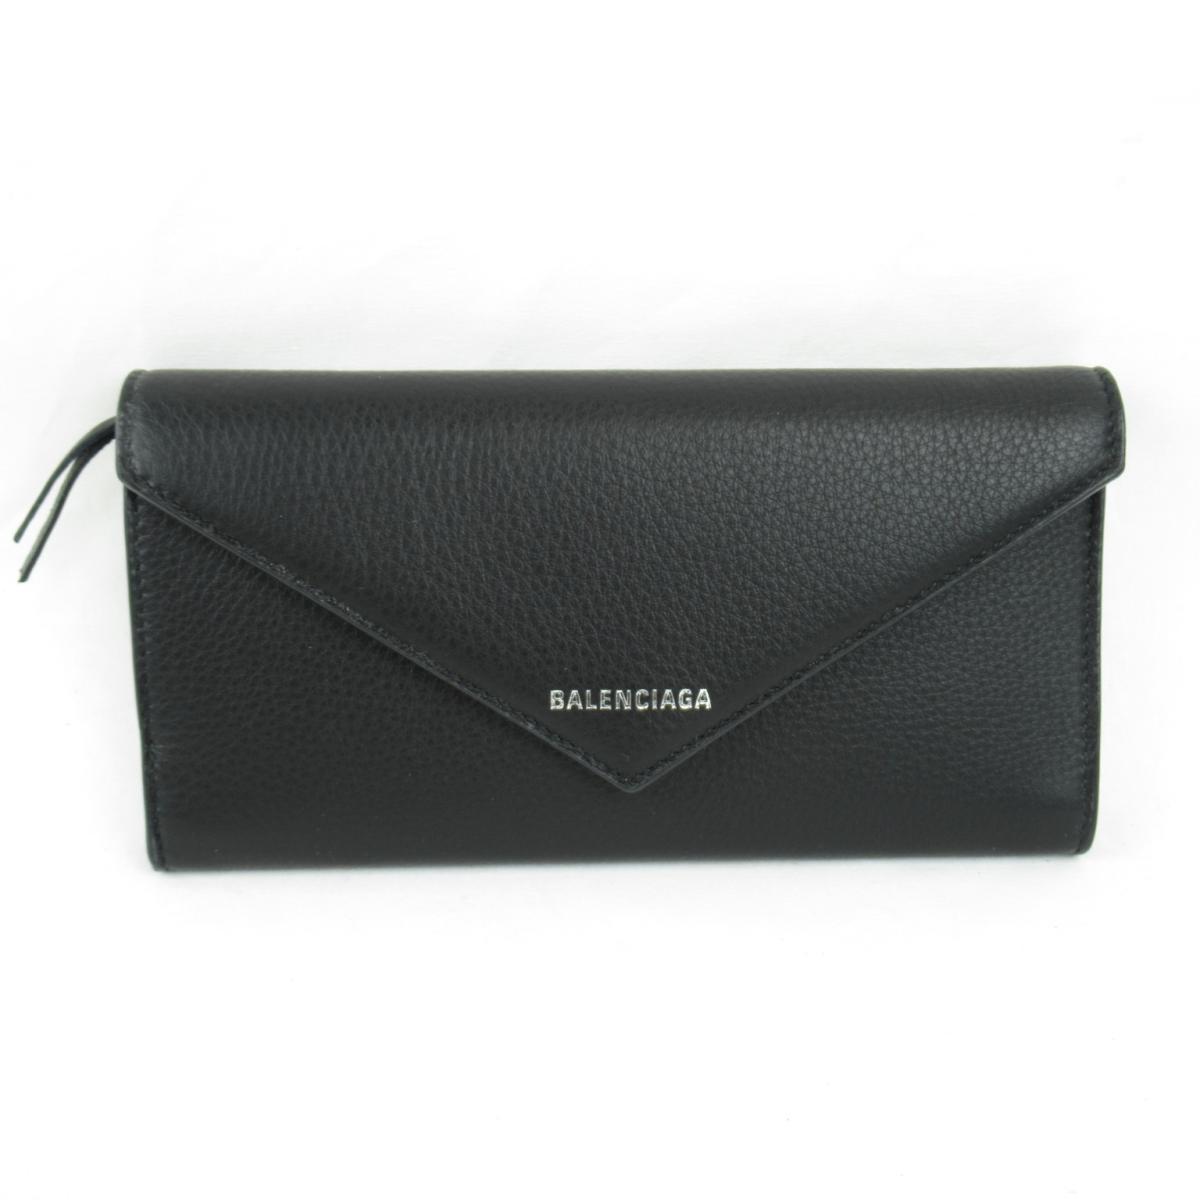 バレンシアガ PAPIER ZA THIN MONEY 二つ折り長財布 レディース レザー ブラック (499207DLQ0N1000) | BALENCIAGA BRANDOFF ブランドオフ ブランド ブランド財布 財布 サイフ